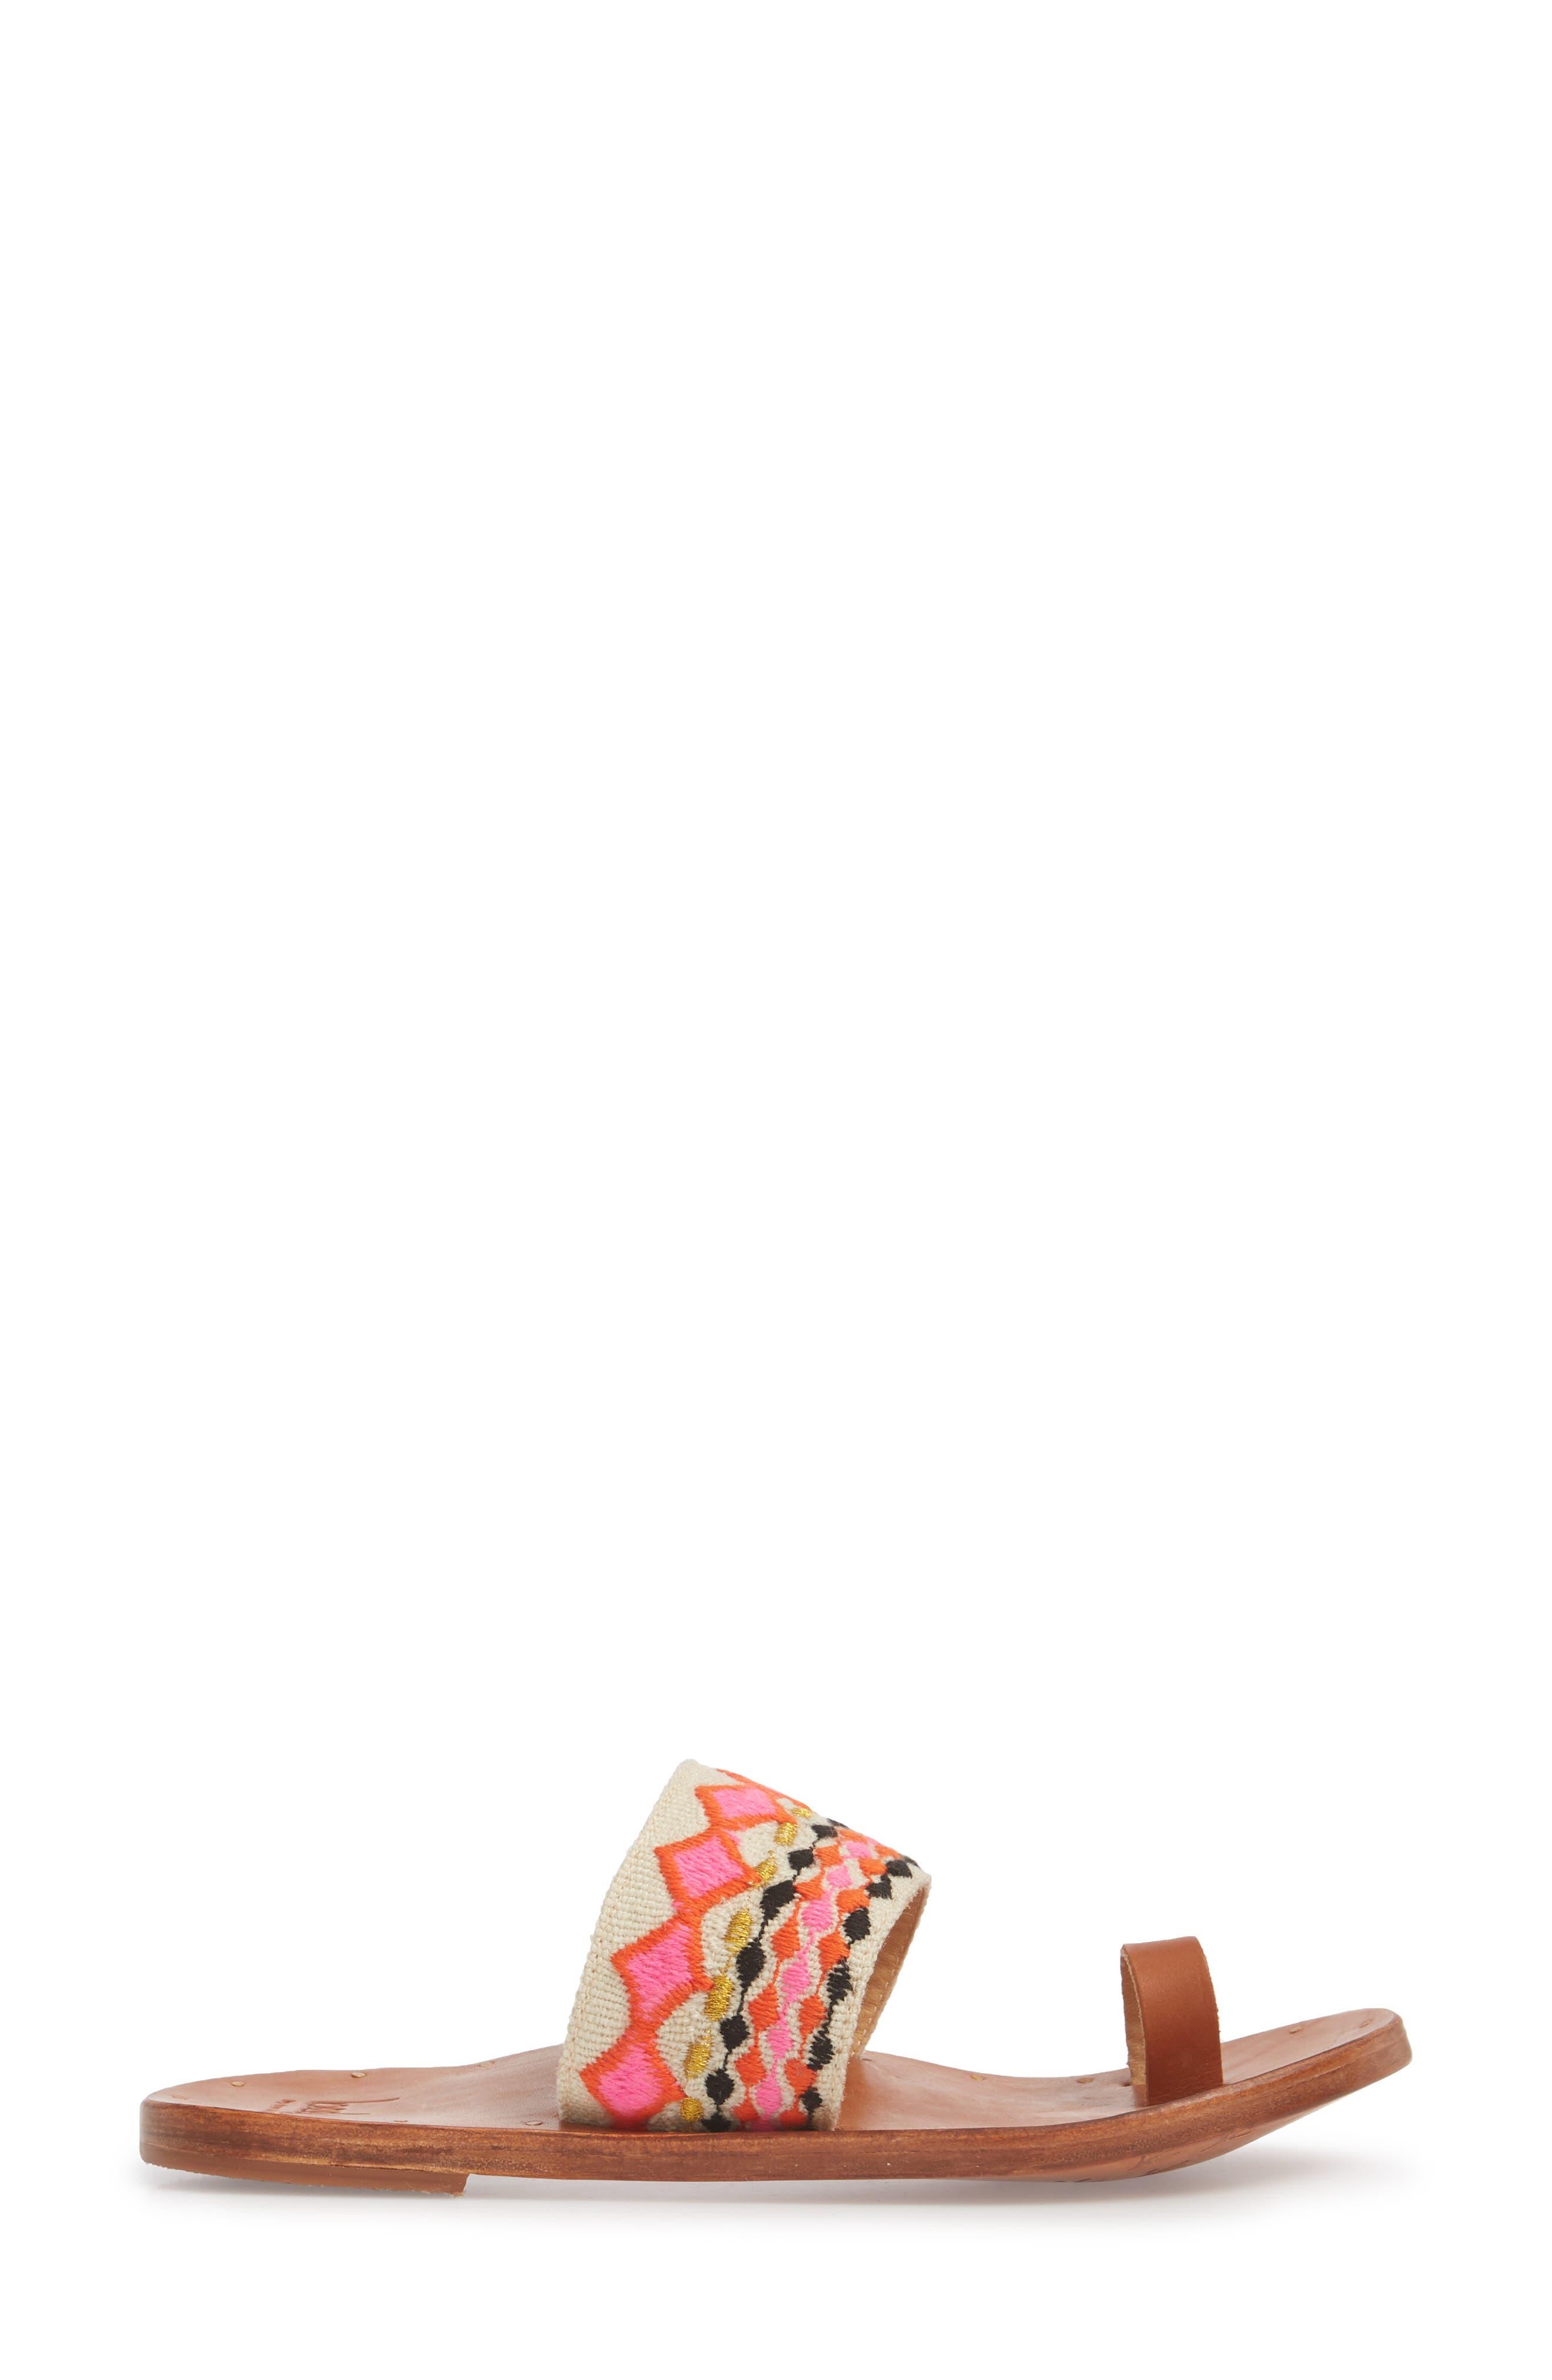 Dove Sandal,                             Alternate thumbnail 3, color,                             Fuschia Multi/ Tan